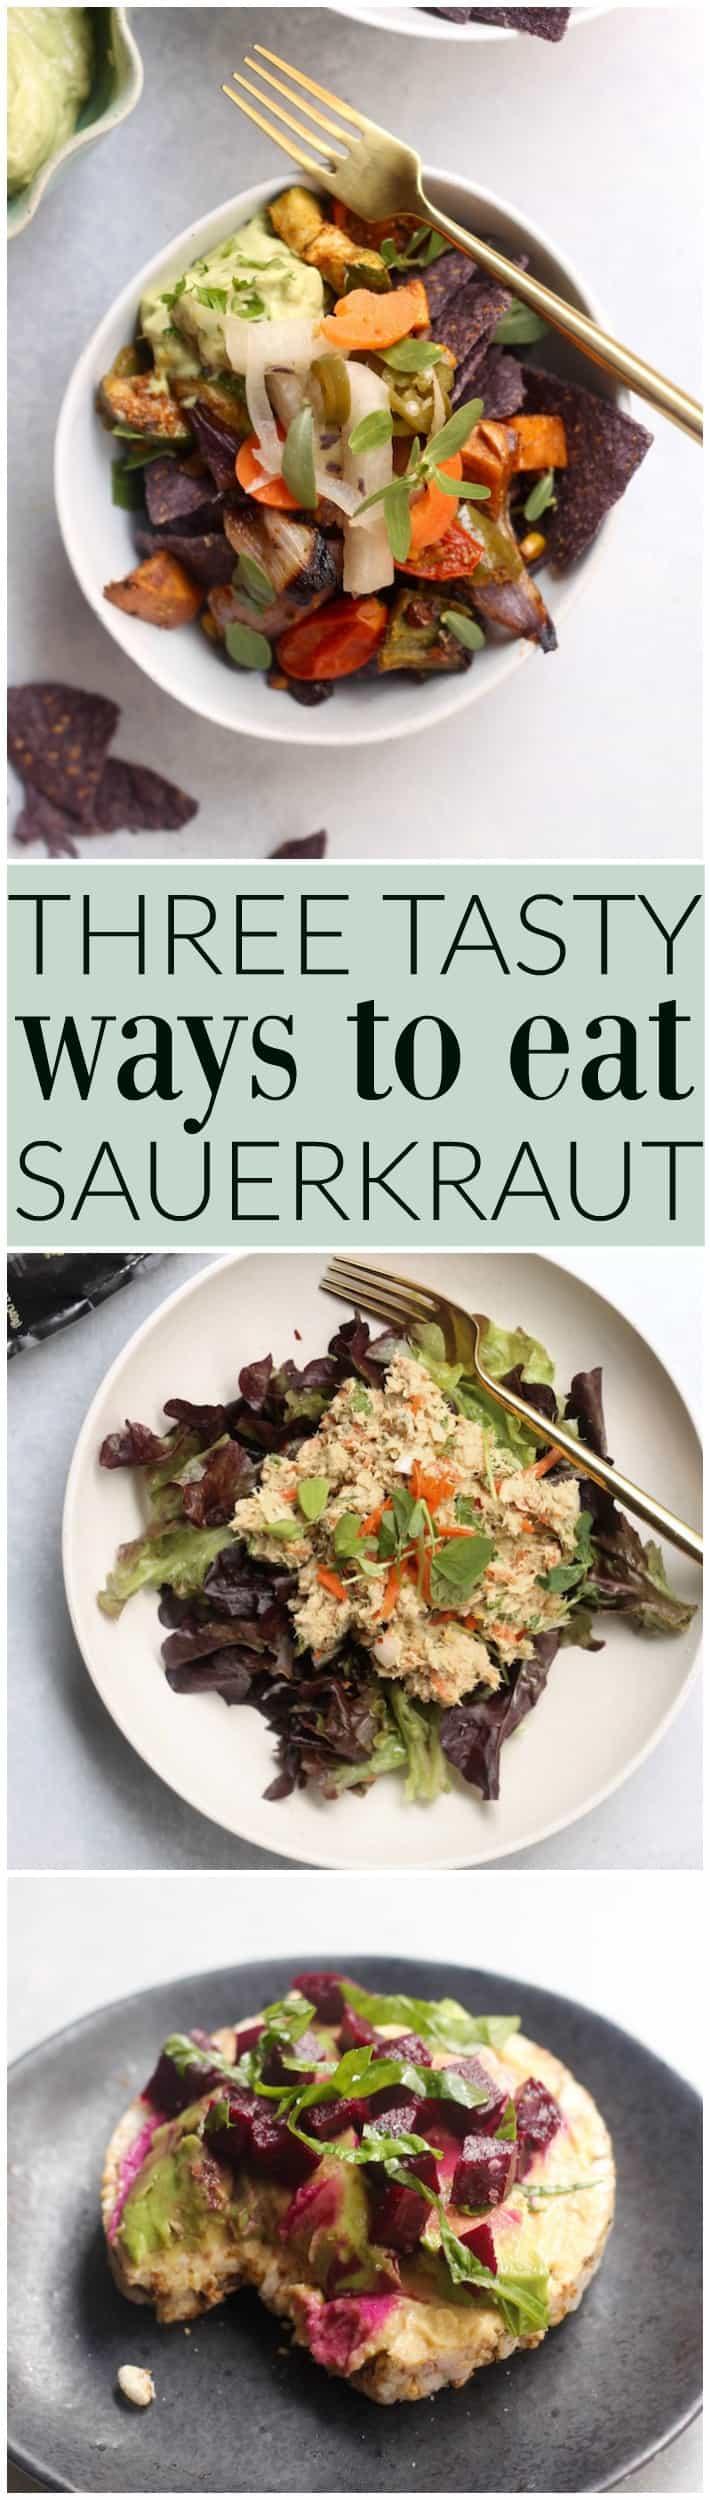 The BEST ways to make sauerkraut delicious!